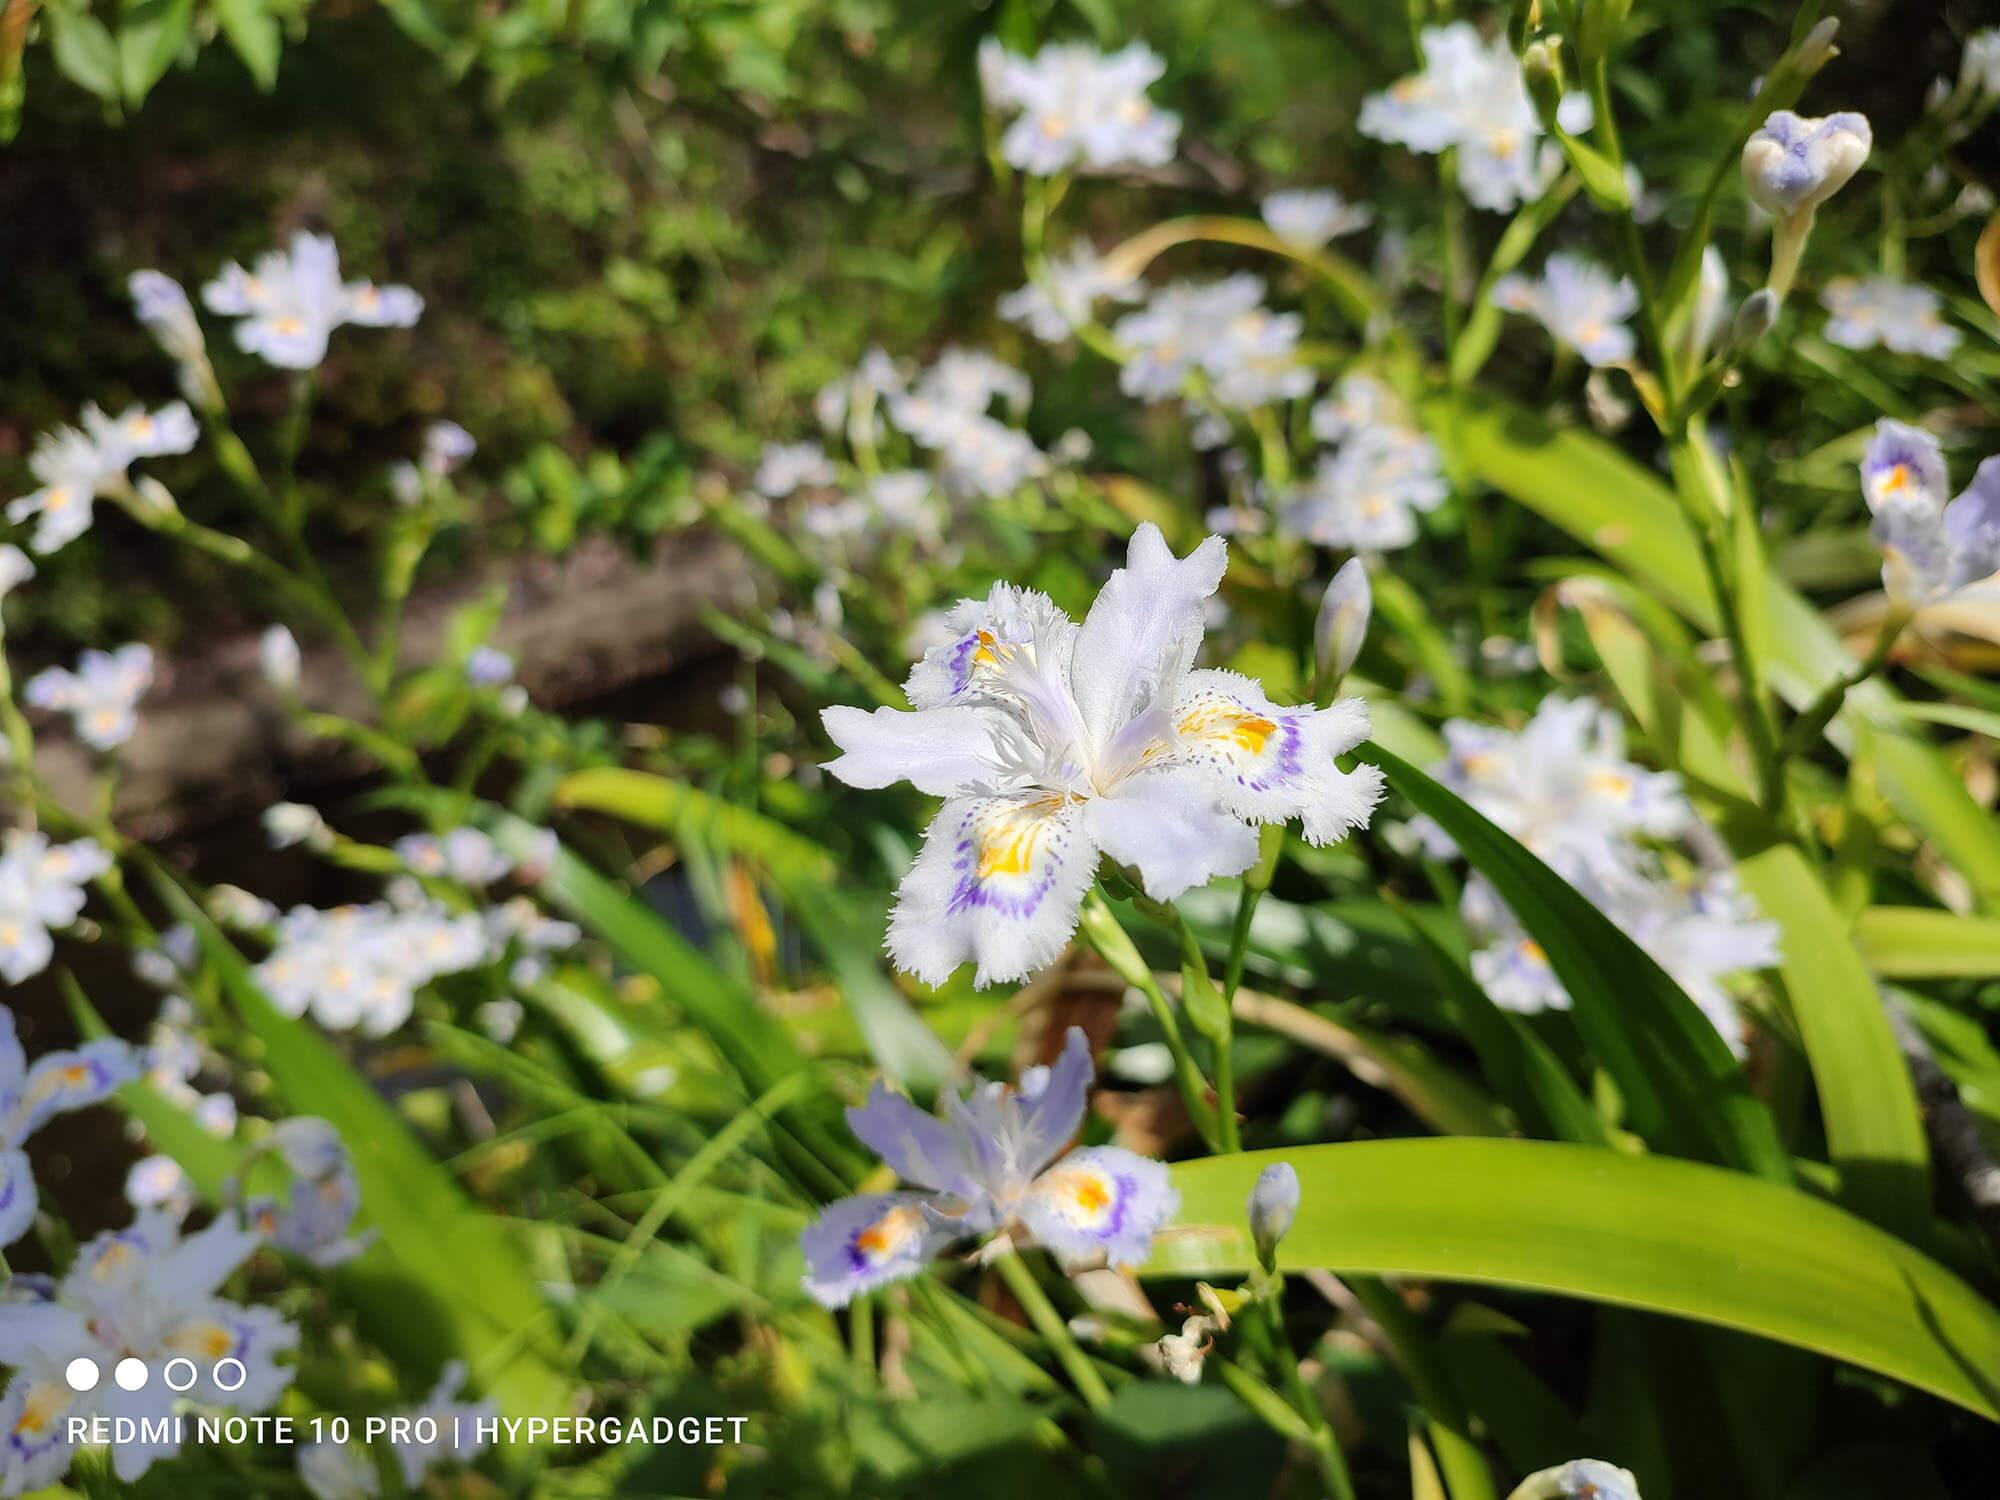 Redmi Note 10 Proで撮影した白紫の花の画像